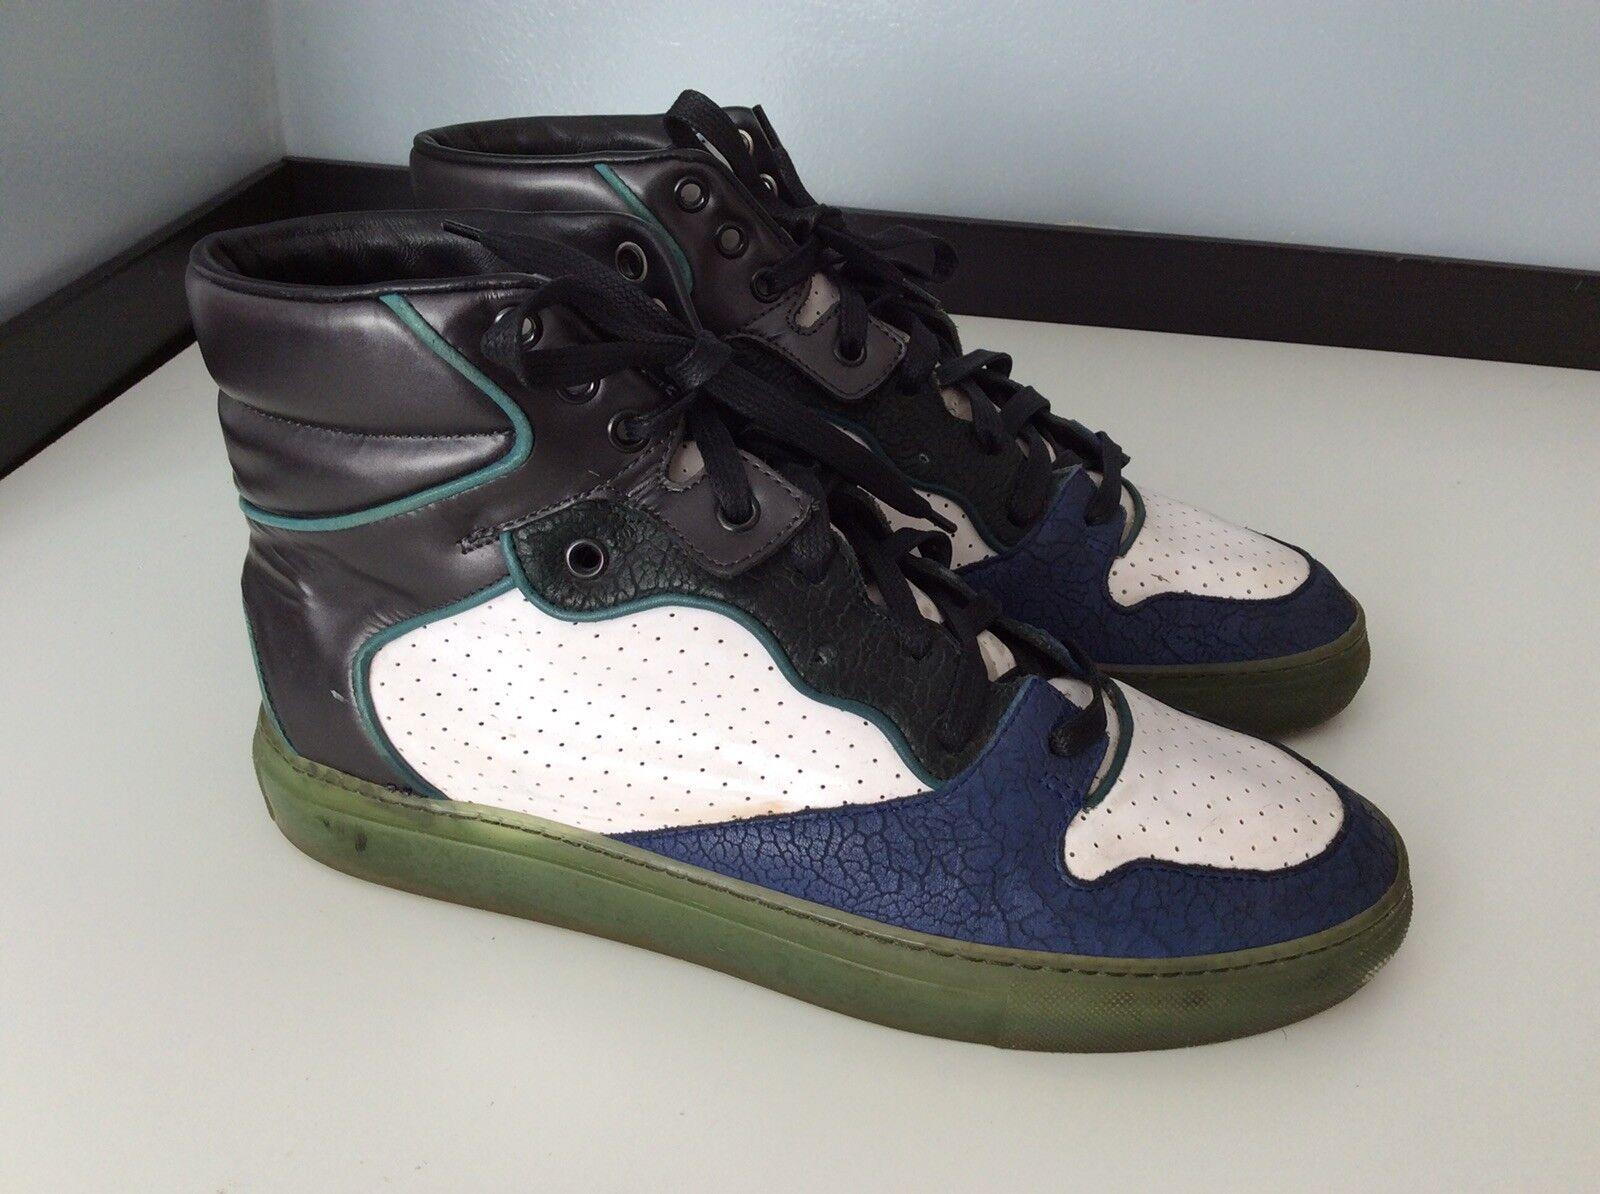 Balenciaga Hi Hi Hi Top Sneakers, Panel, Uk 5 Eu39, Leather, Vgc d963ba